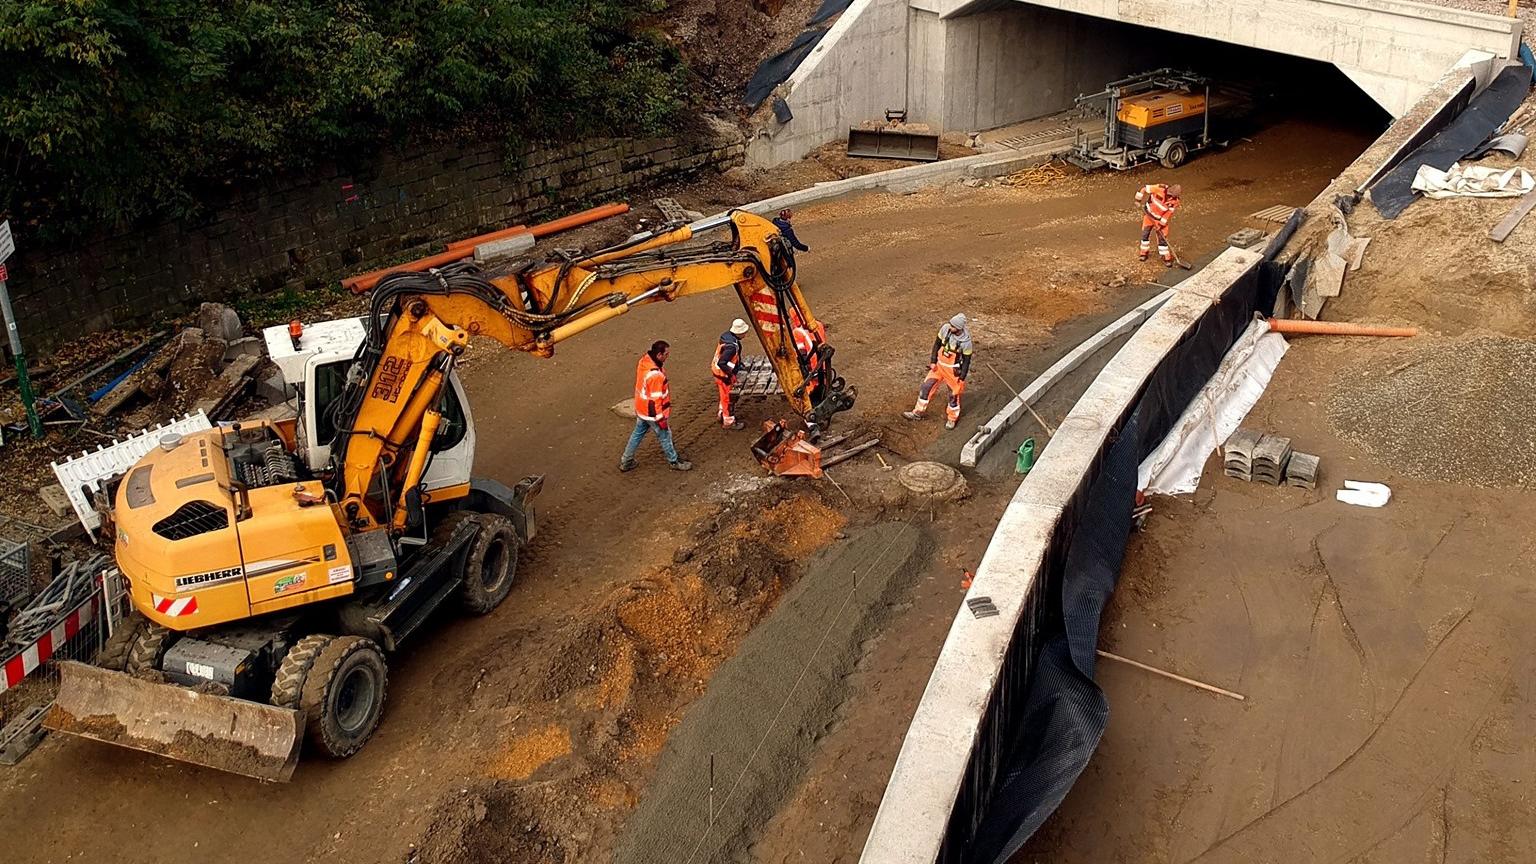 Modernizacja na ul. Lokietka, Krakow, zdjęcie prac przy modernizacji wiaduktu